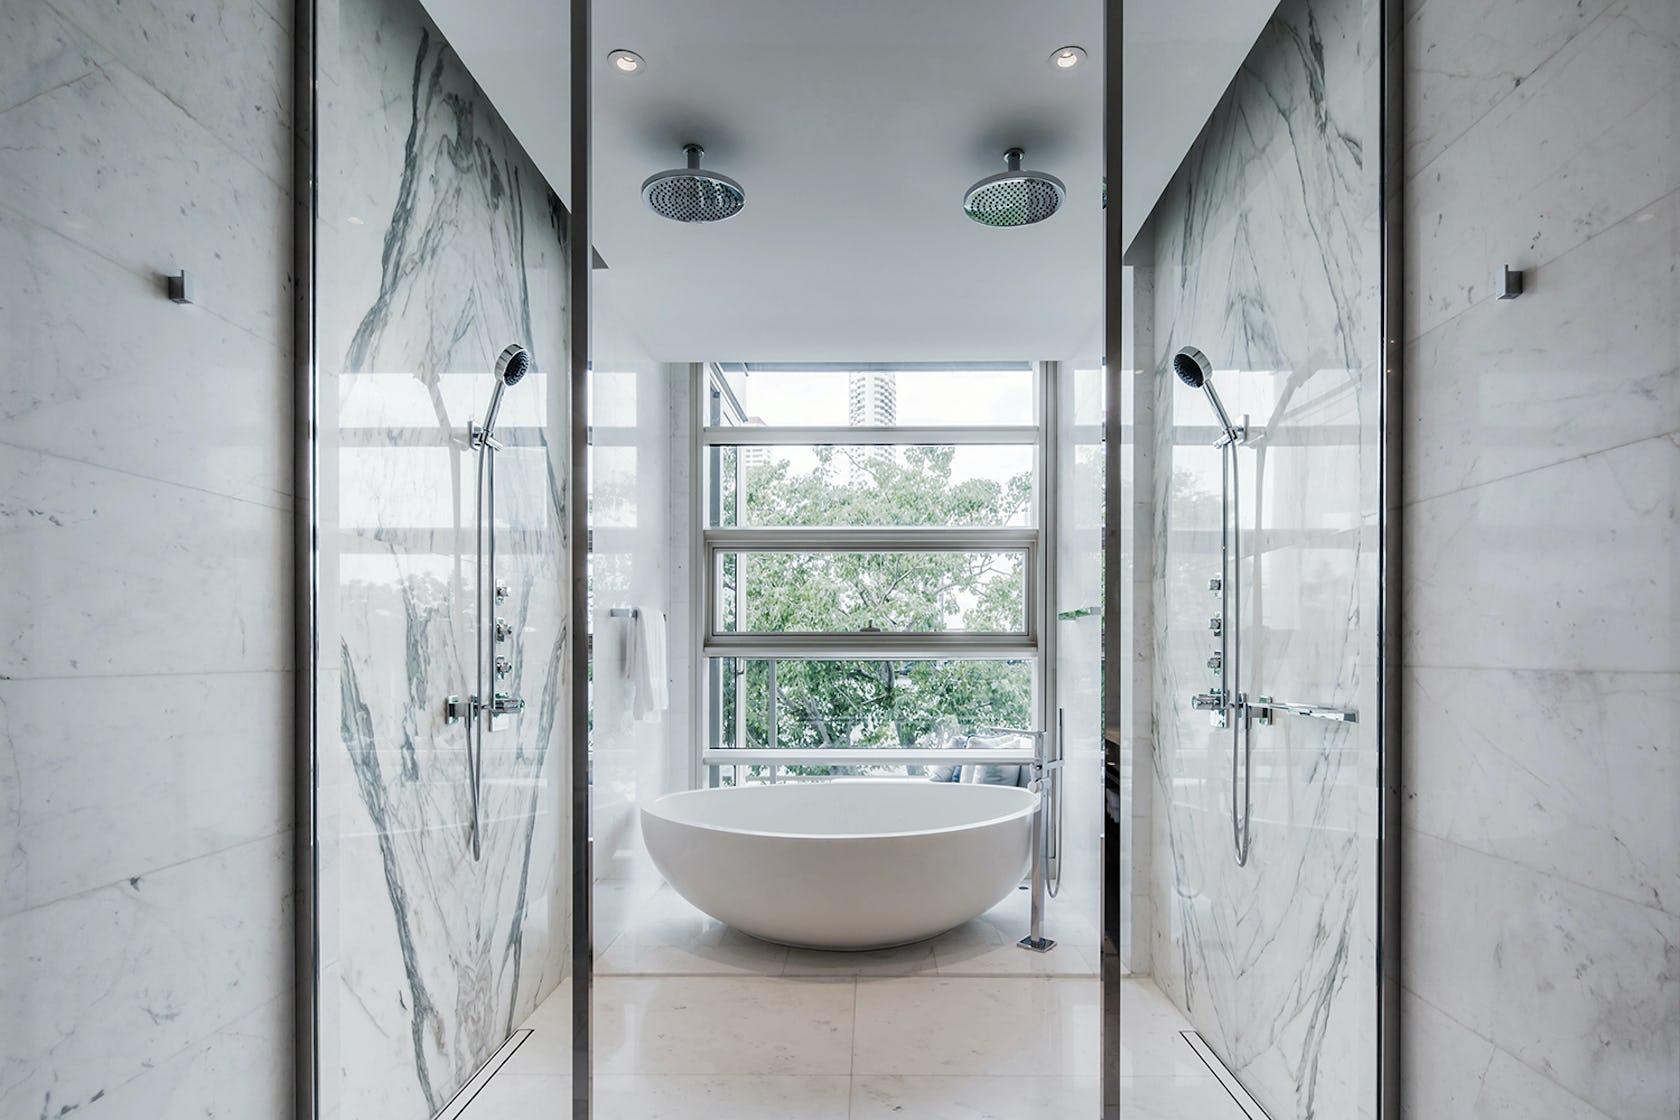 room indoors bathroom bathtub tub shower